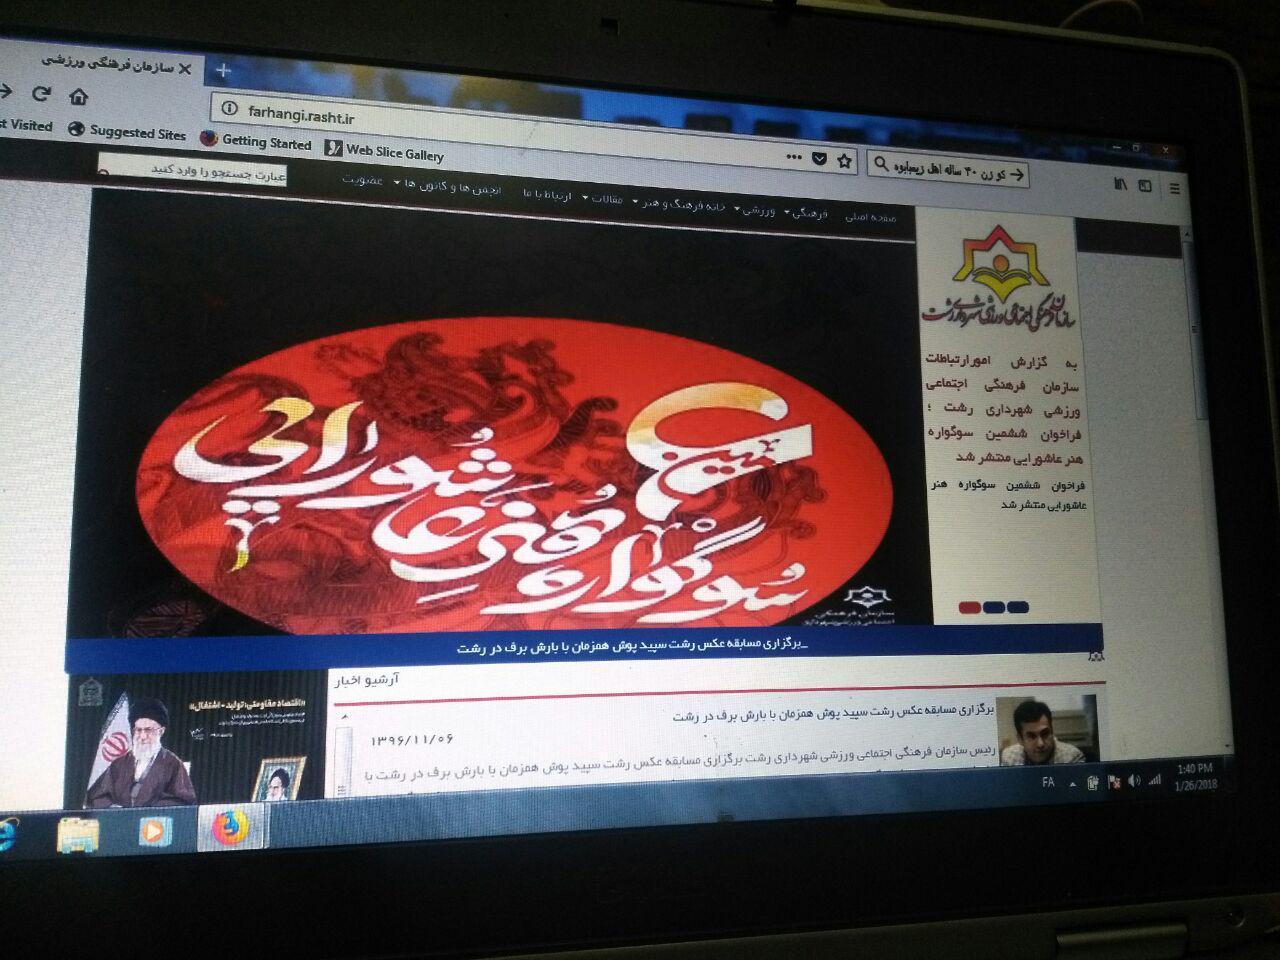 عملکرد مریم گل آرا سازمان فرهنگی بهمن 96.jpg2